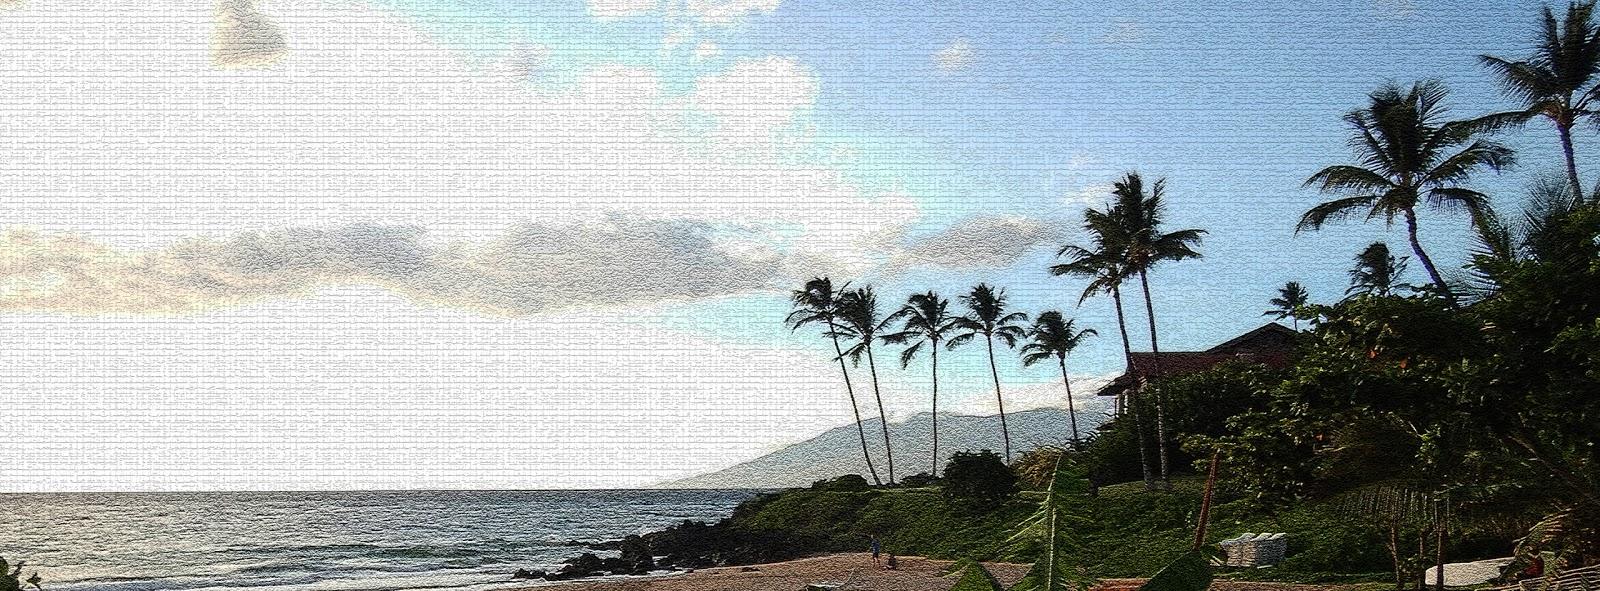 Relief: A Trip to Maui